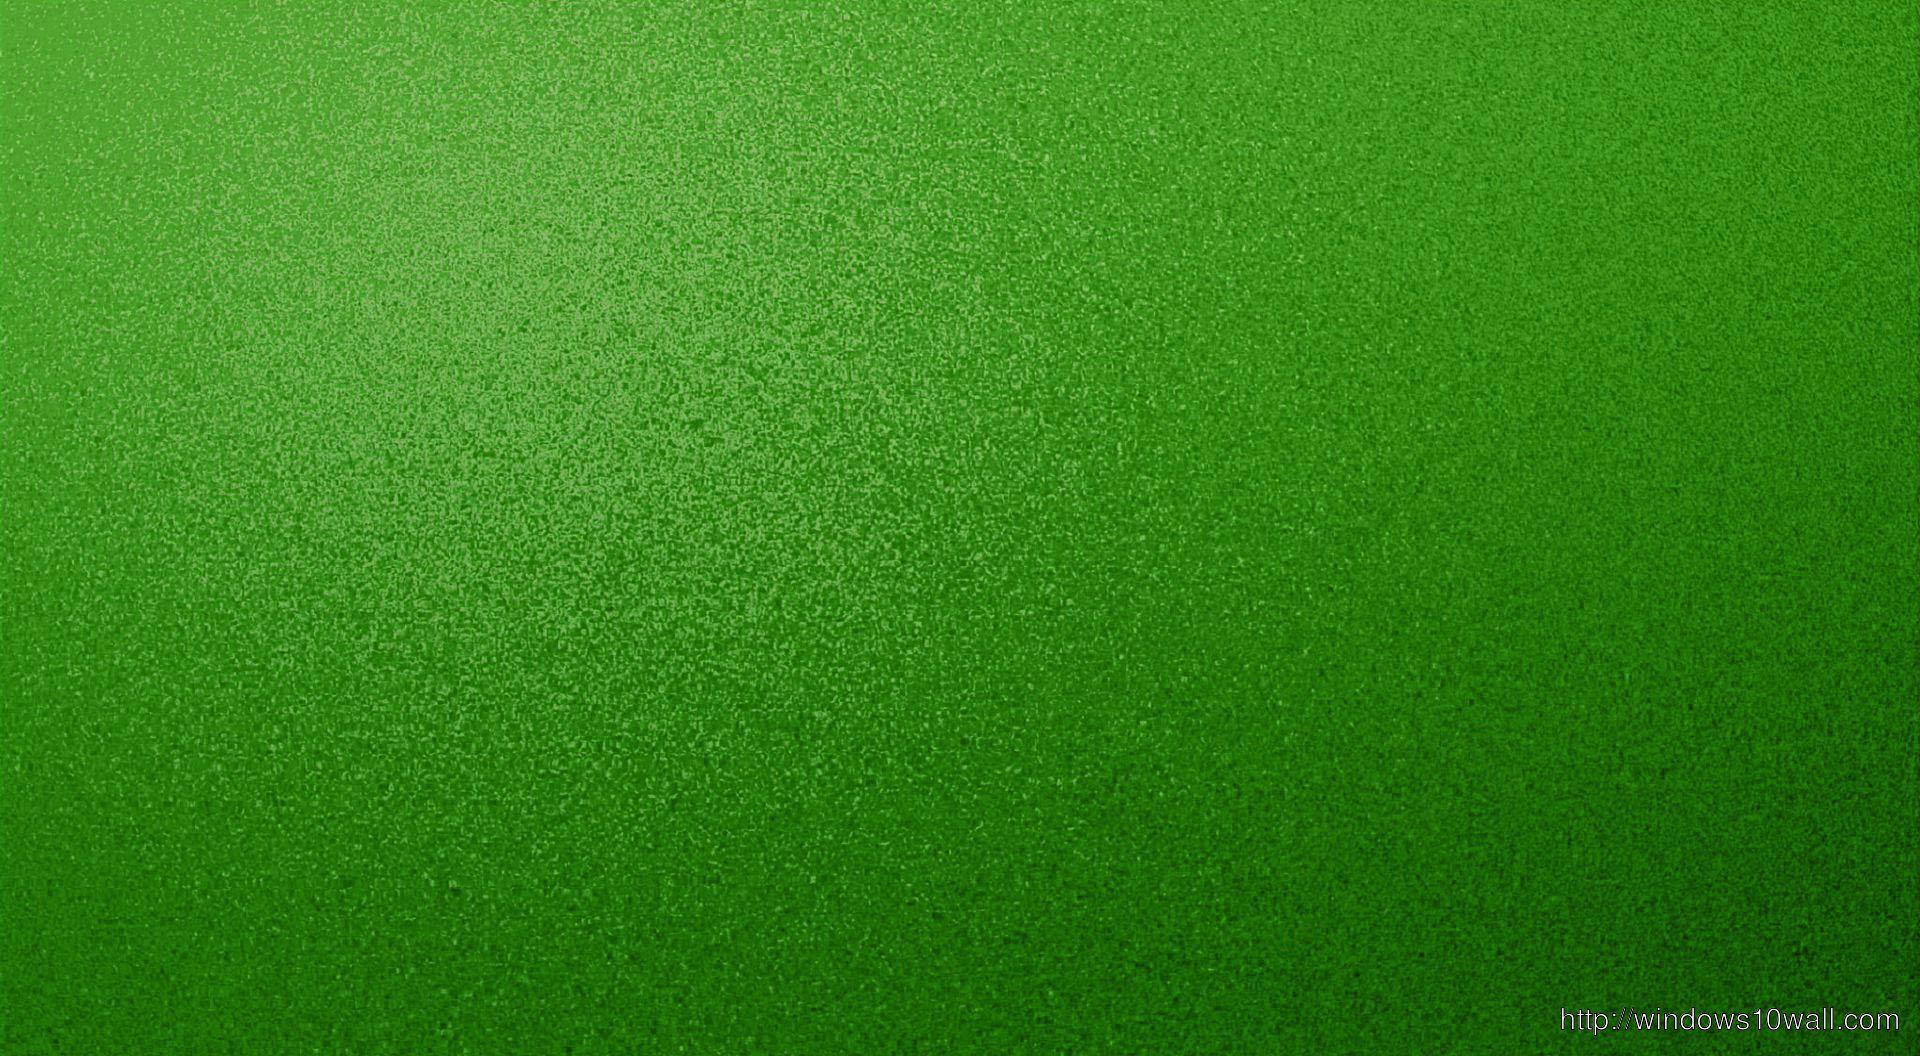 Green Ttextured Background Wallpaper